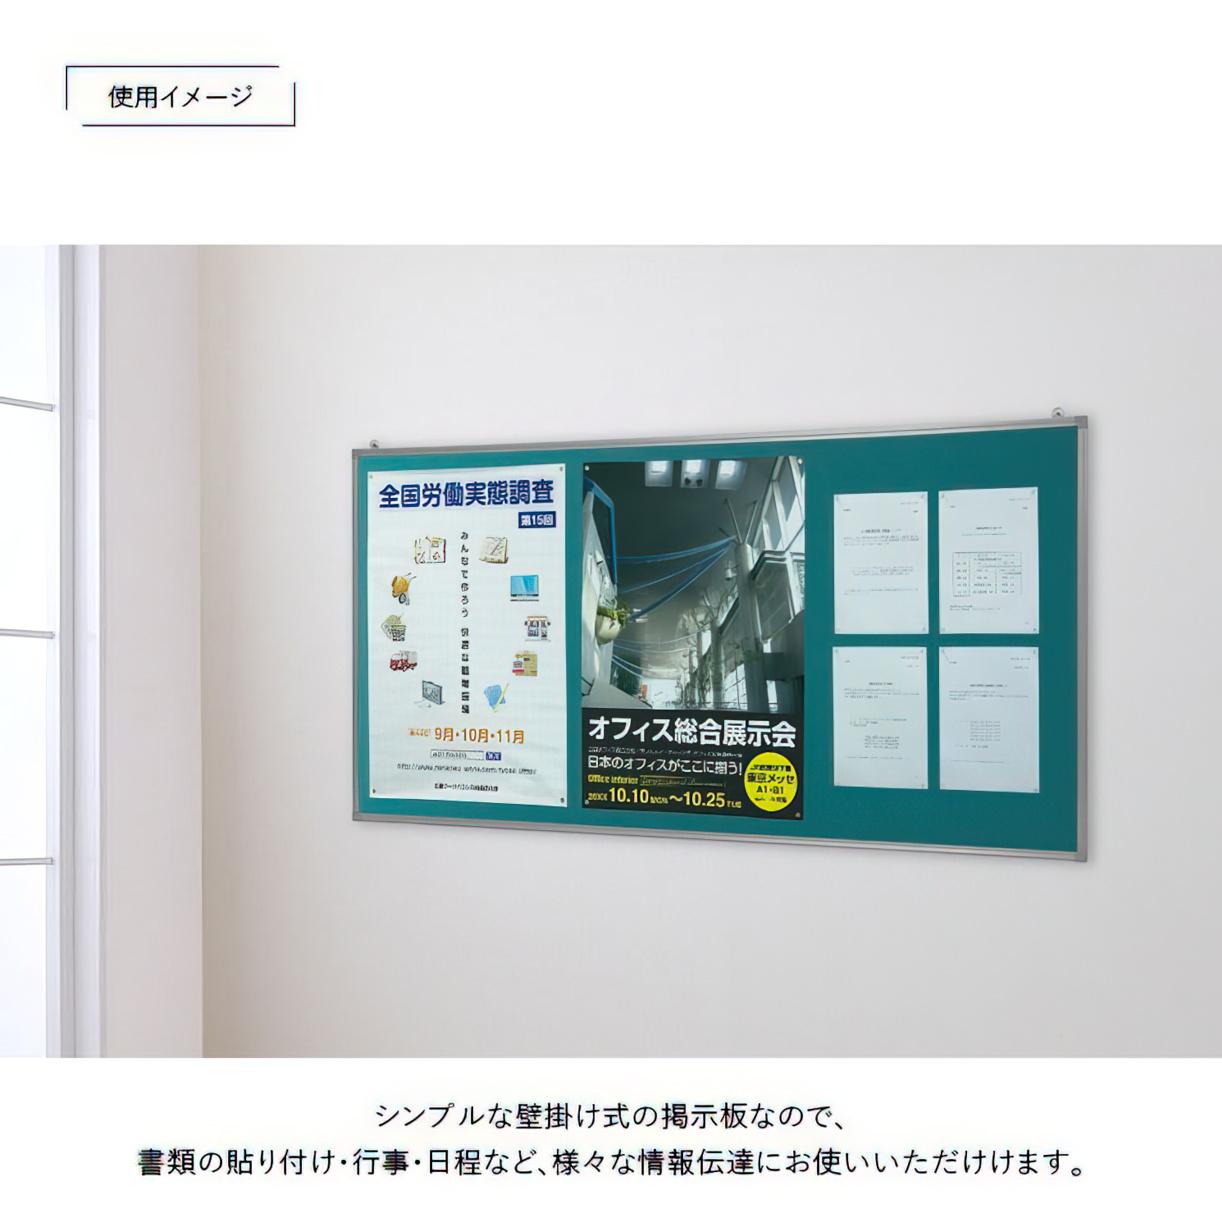 リング テクノロジー 掲示板 シェア